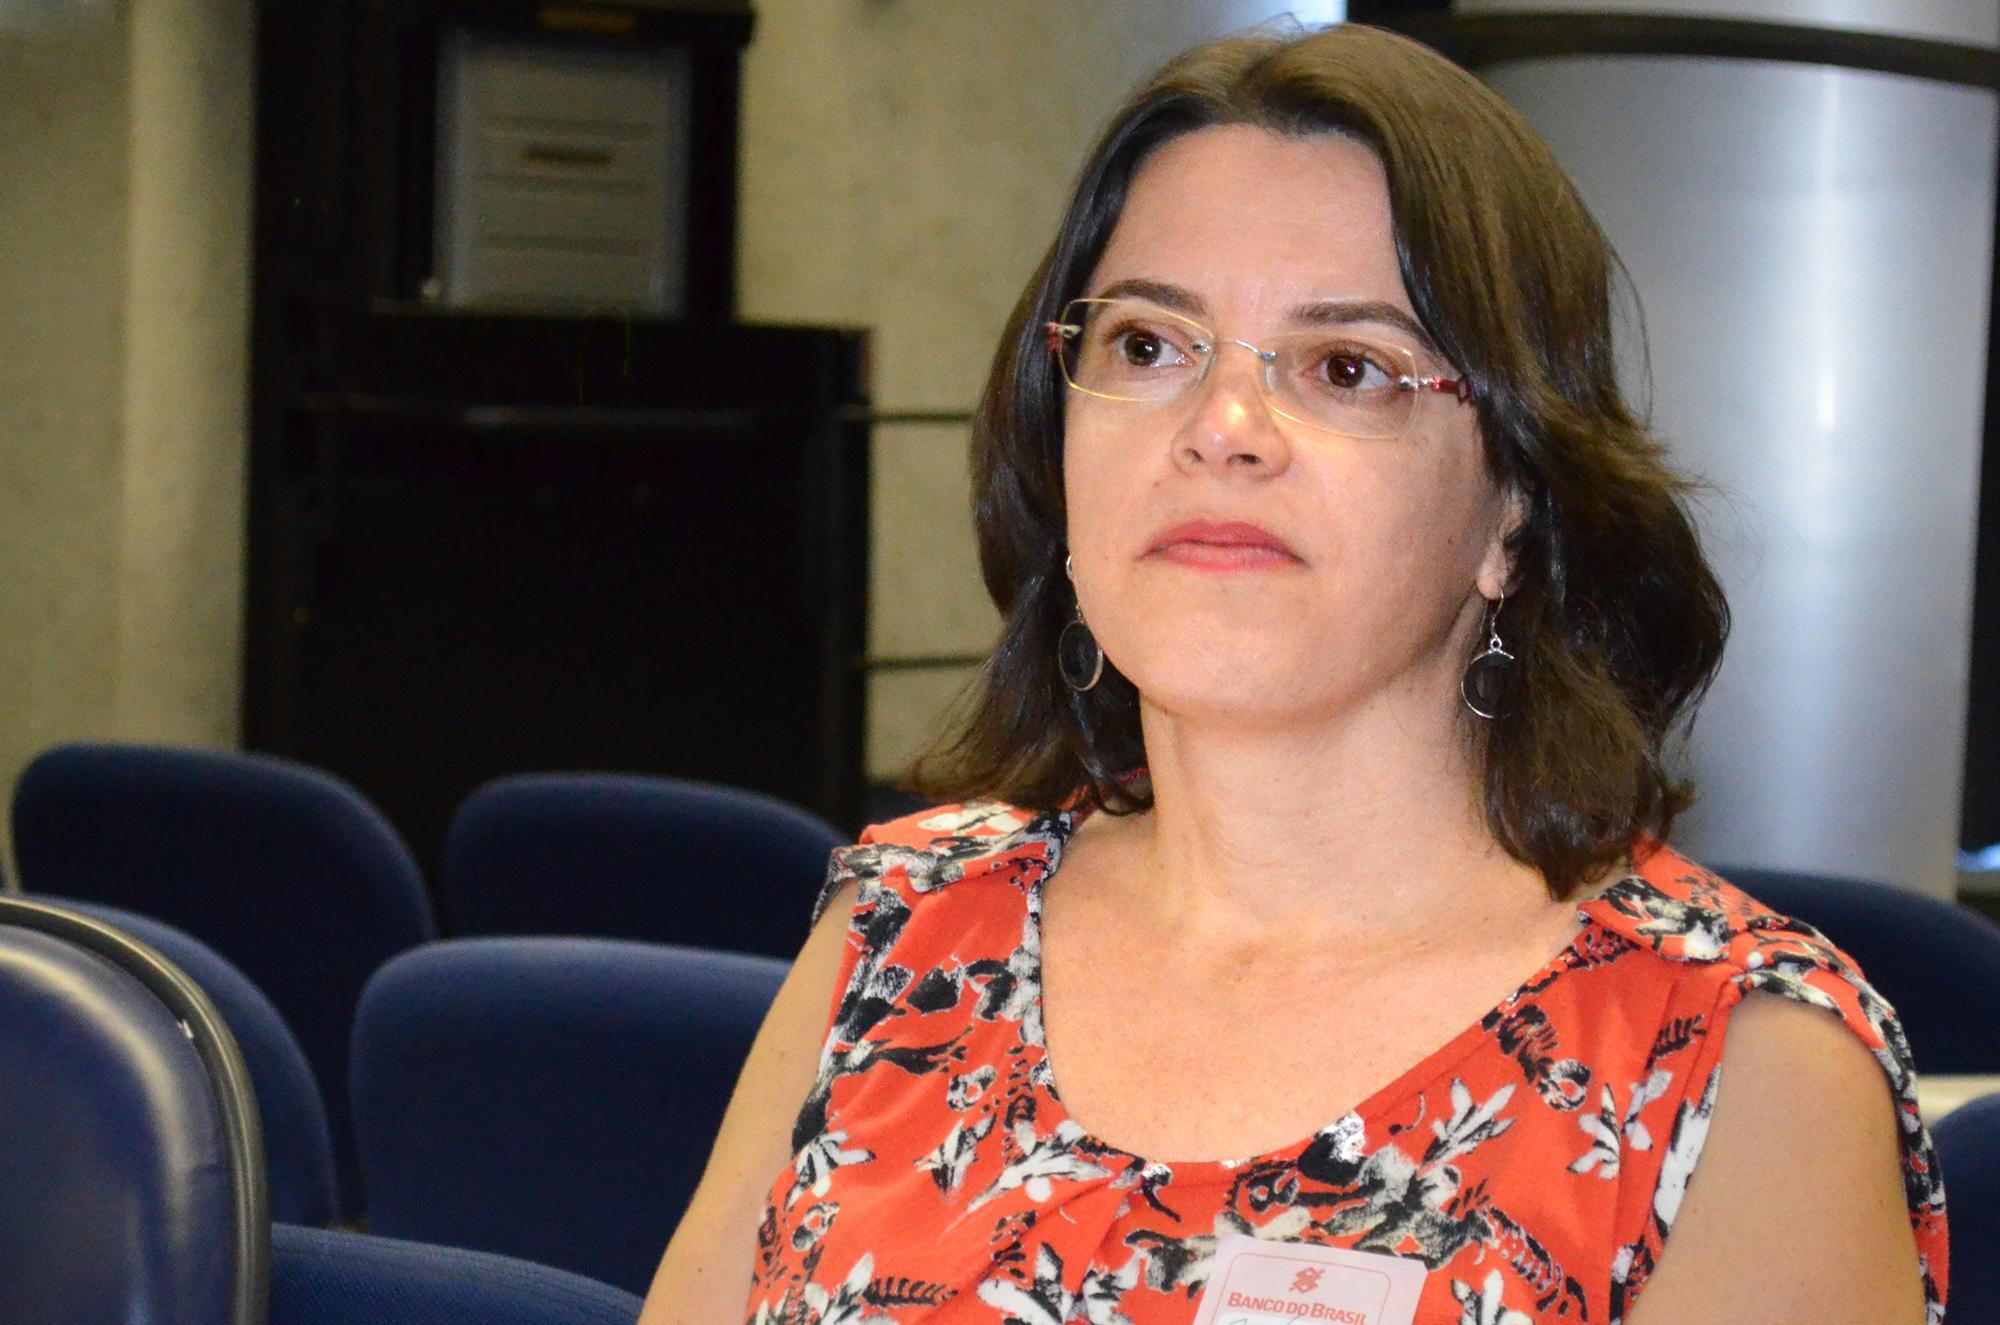 Paula Oliveira, Diretora Administrativo-Financeiro da ANESP. Clique na imagem para acessar o álbum no Flickr.